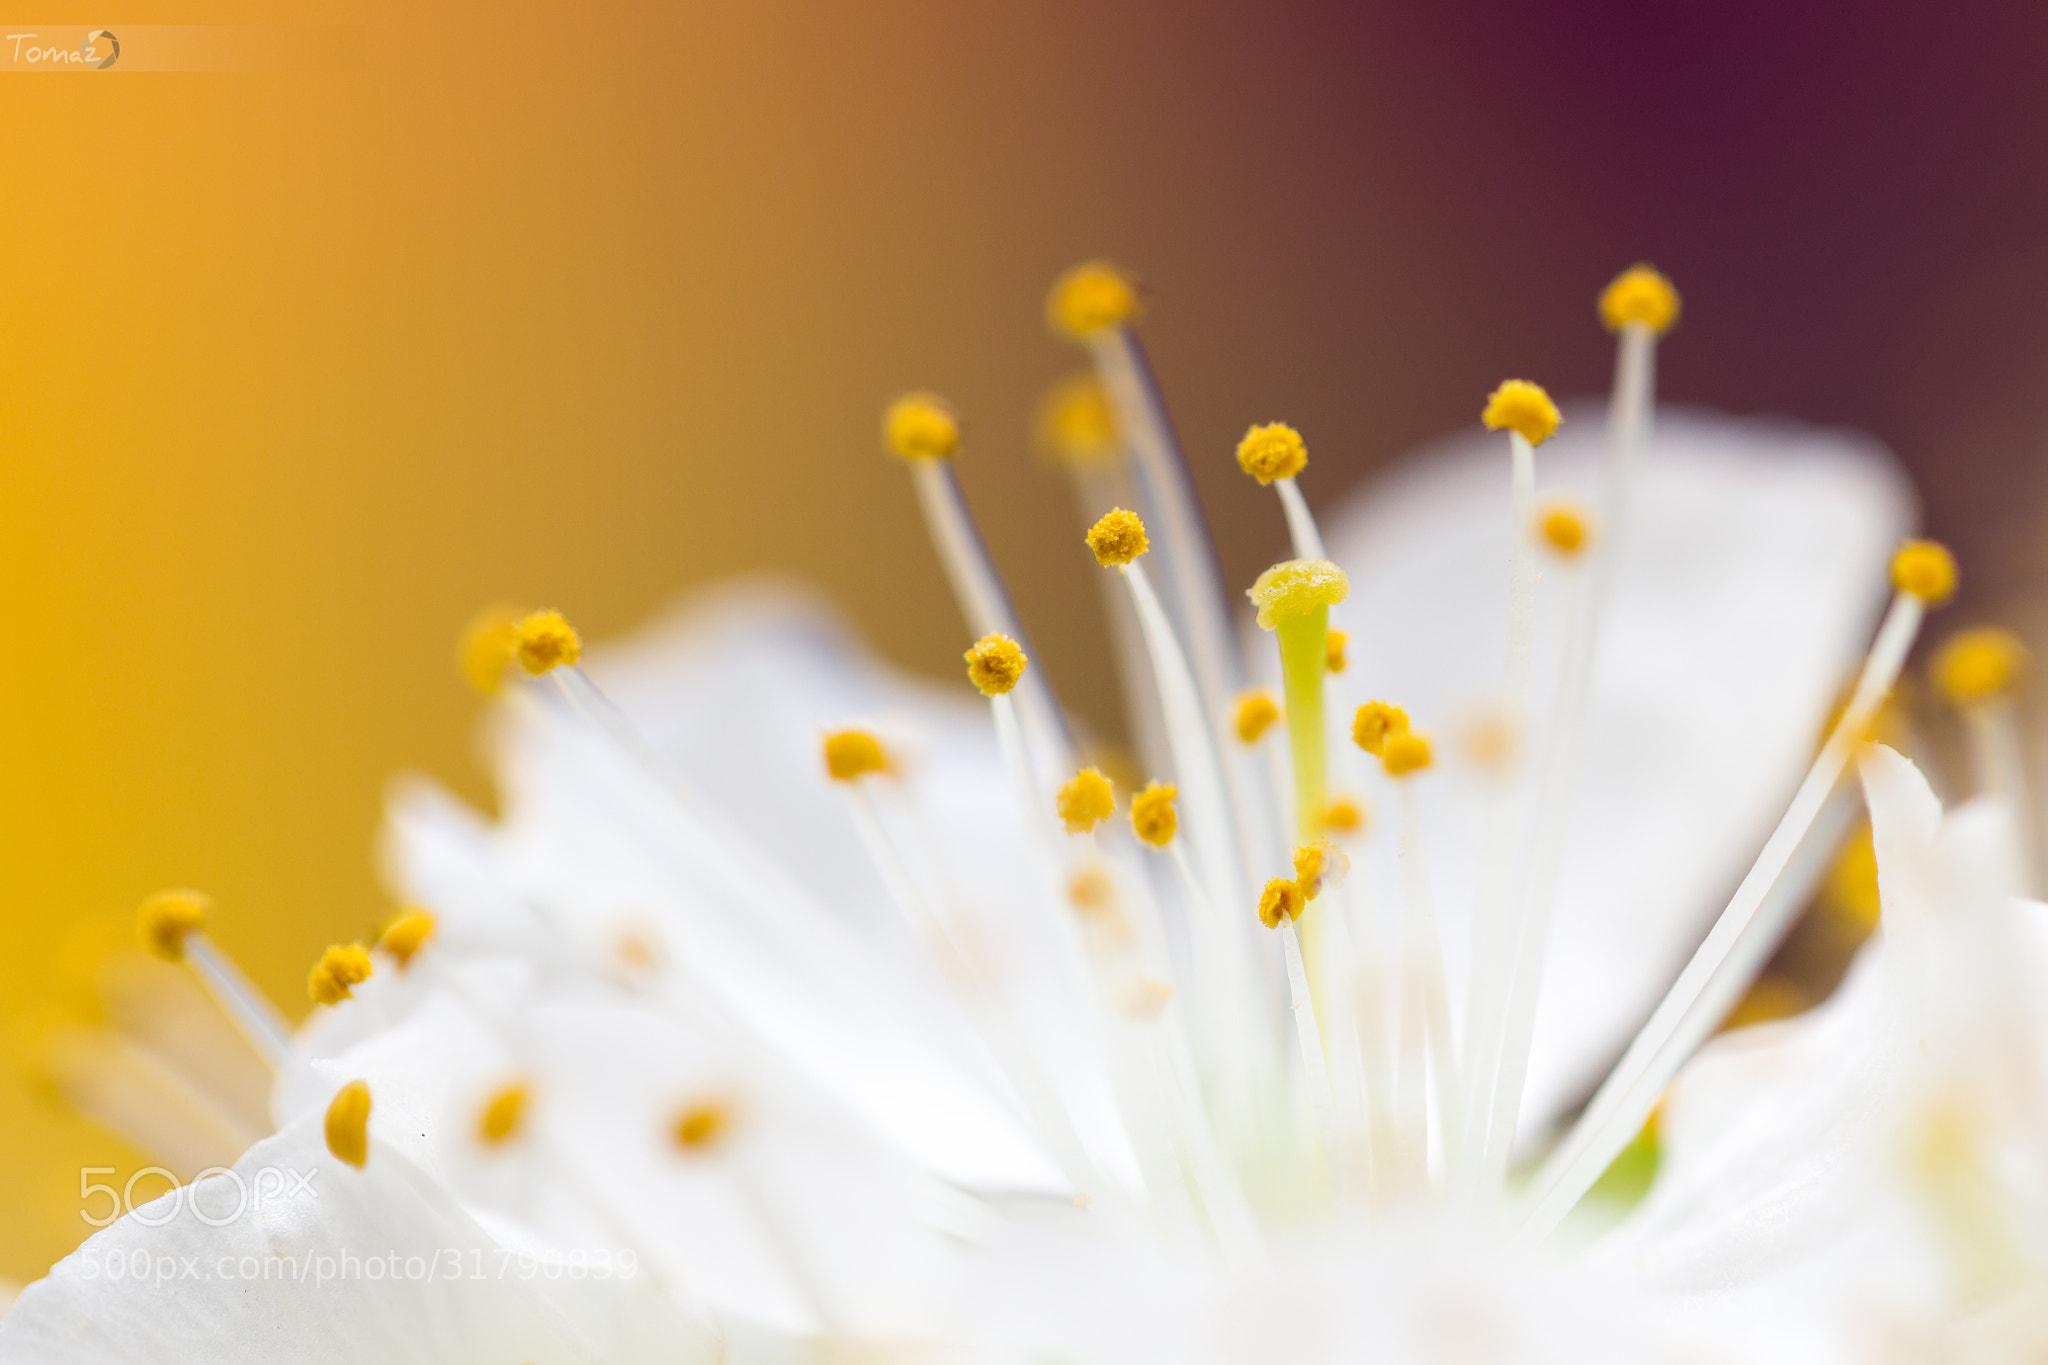 Photograph Spring by Tomaž Klemenšak on 500px